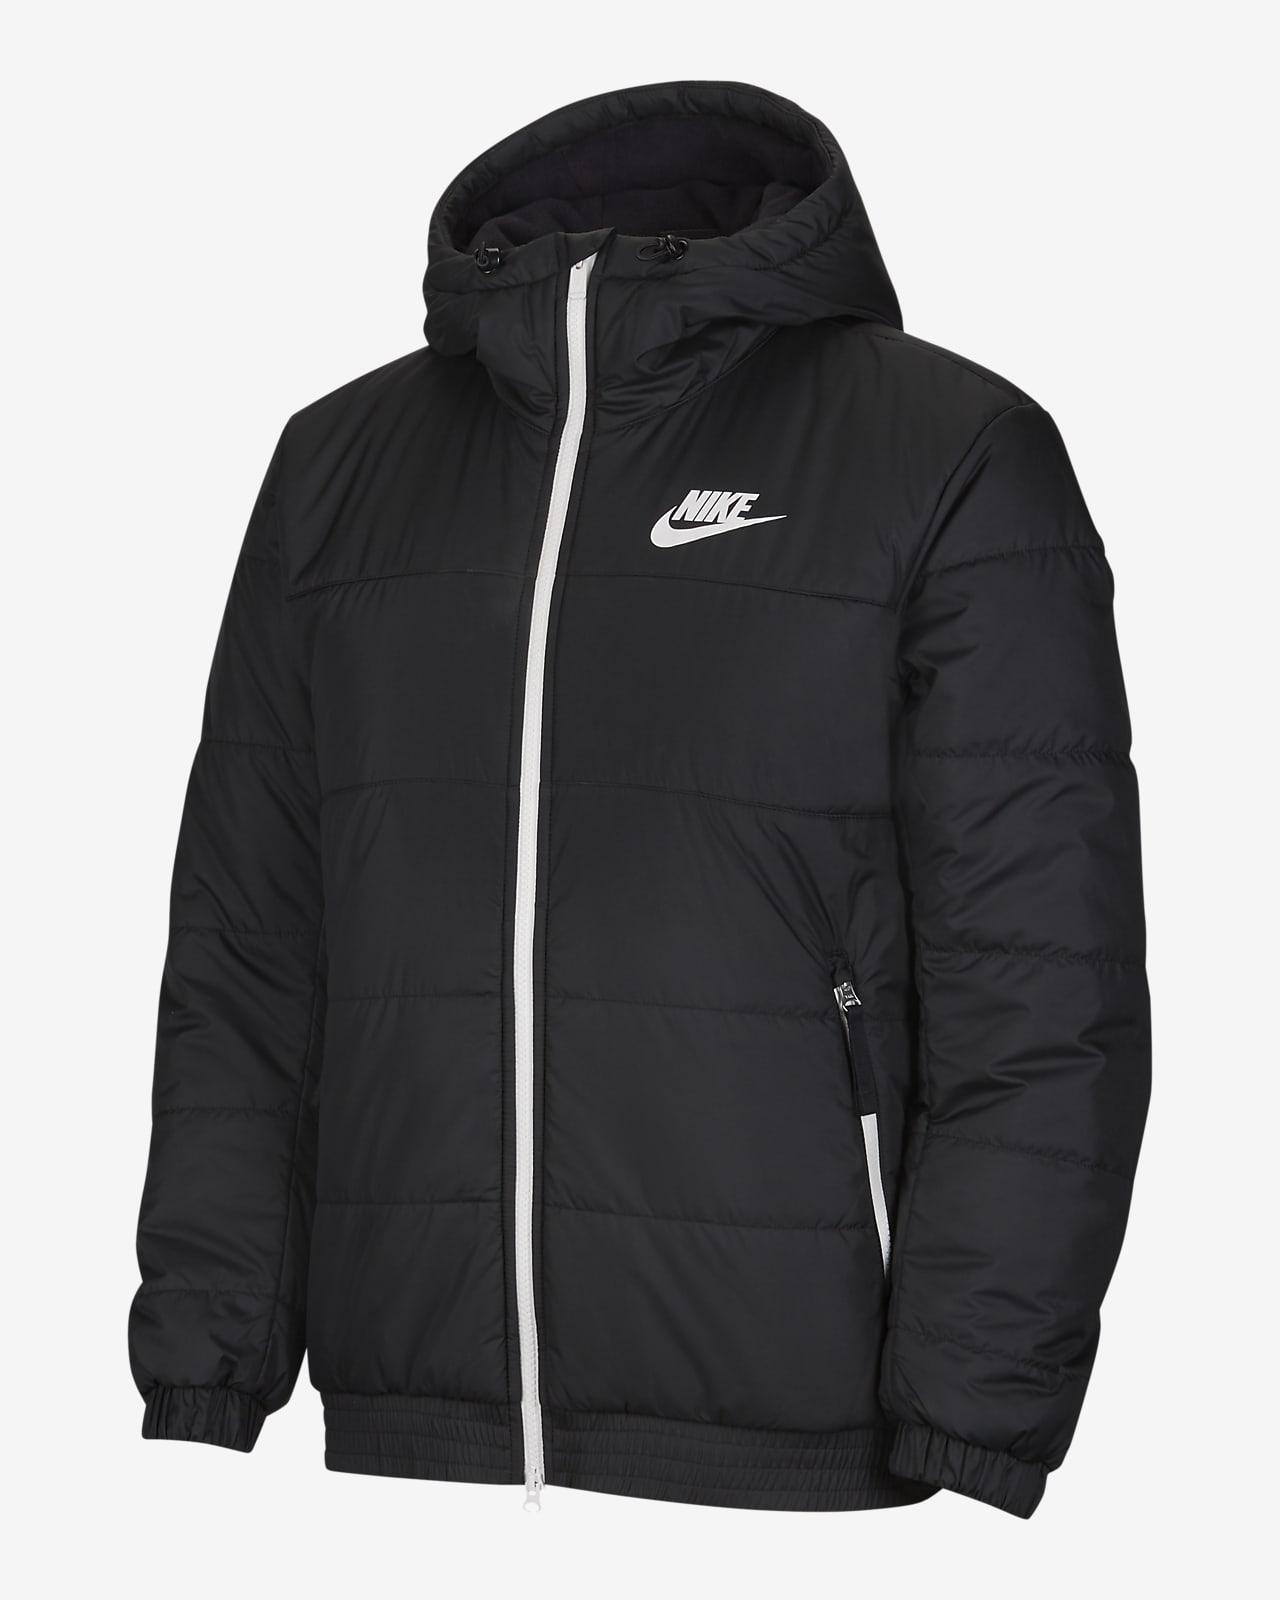 Мужская куртка с капюшоном и молнией во всю длину Nike Sportswear Synthetic-Fill